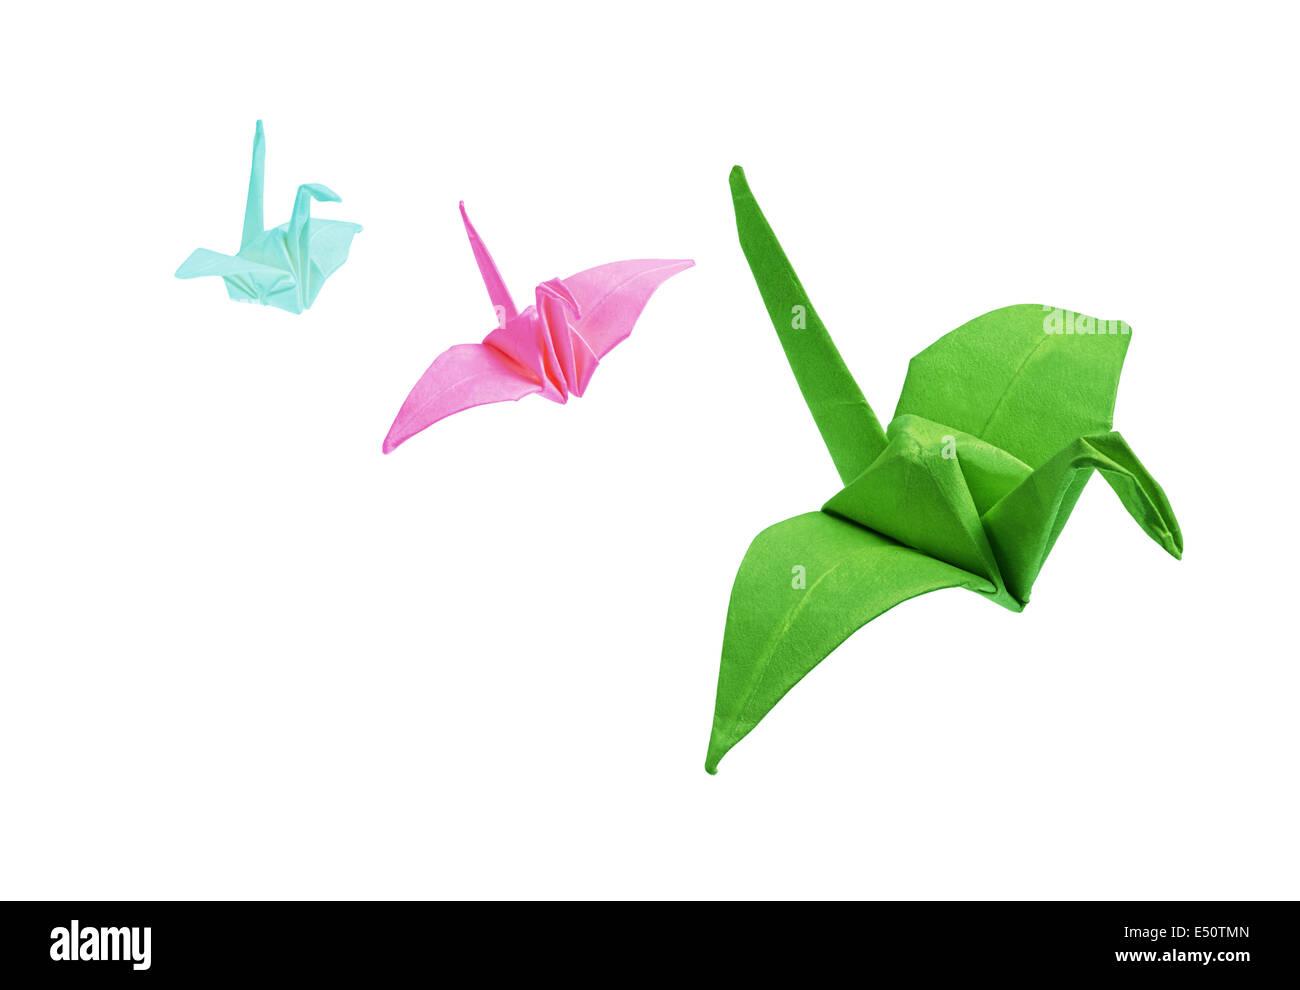 Origami-Vögel Stockbild